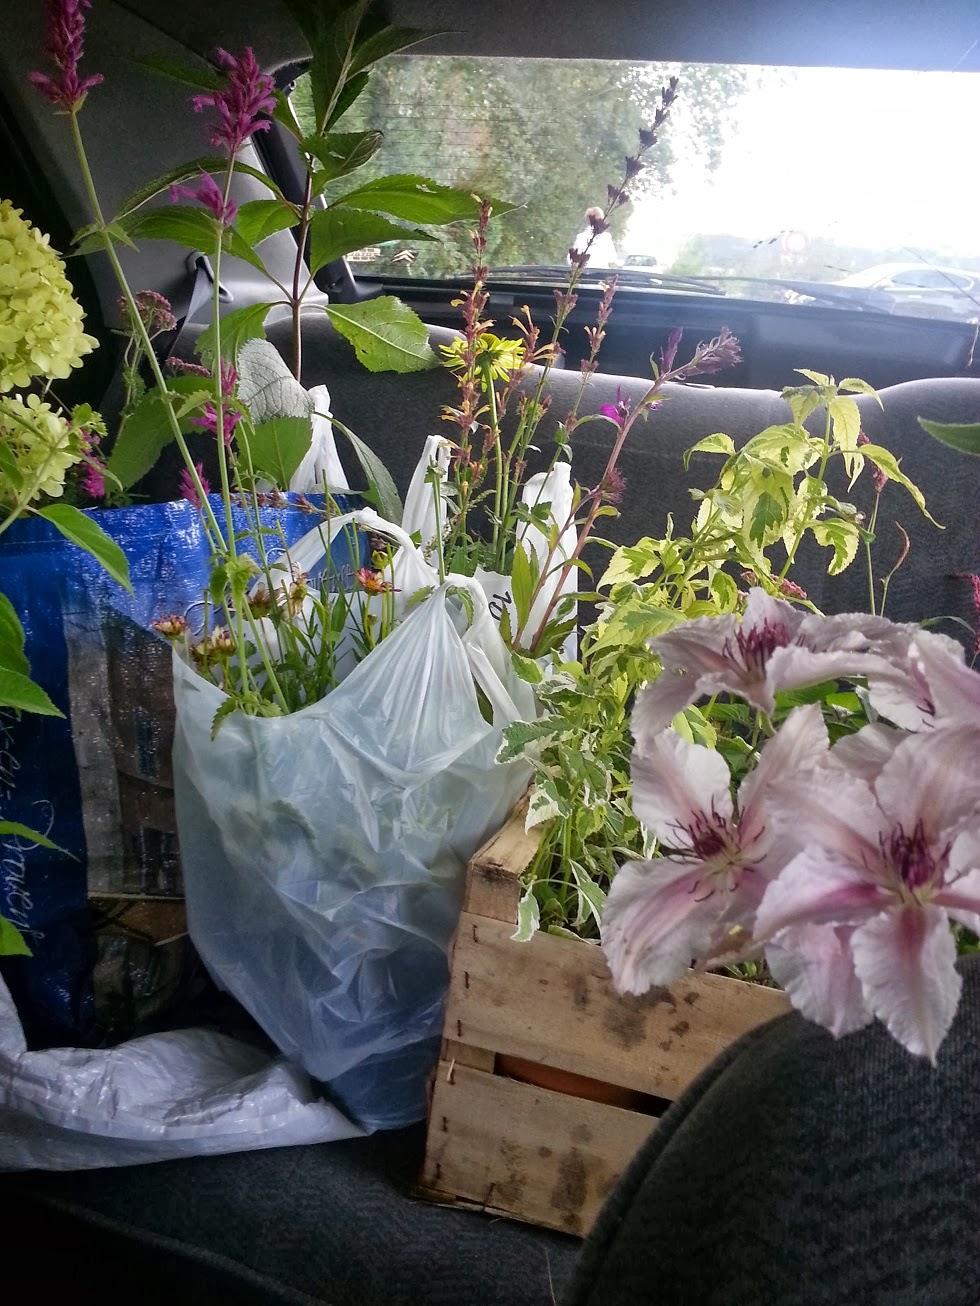 Derri re les murs de mon jardin achats d automne chapitre 1 accord rose blanc vert - Derriere les murs de mon jardin ...